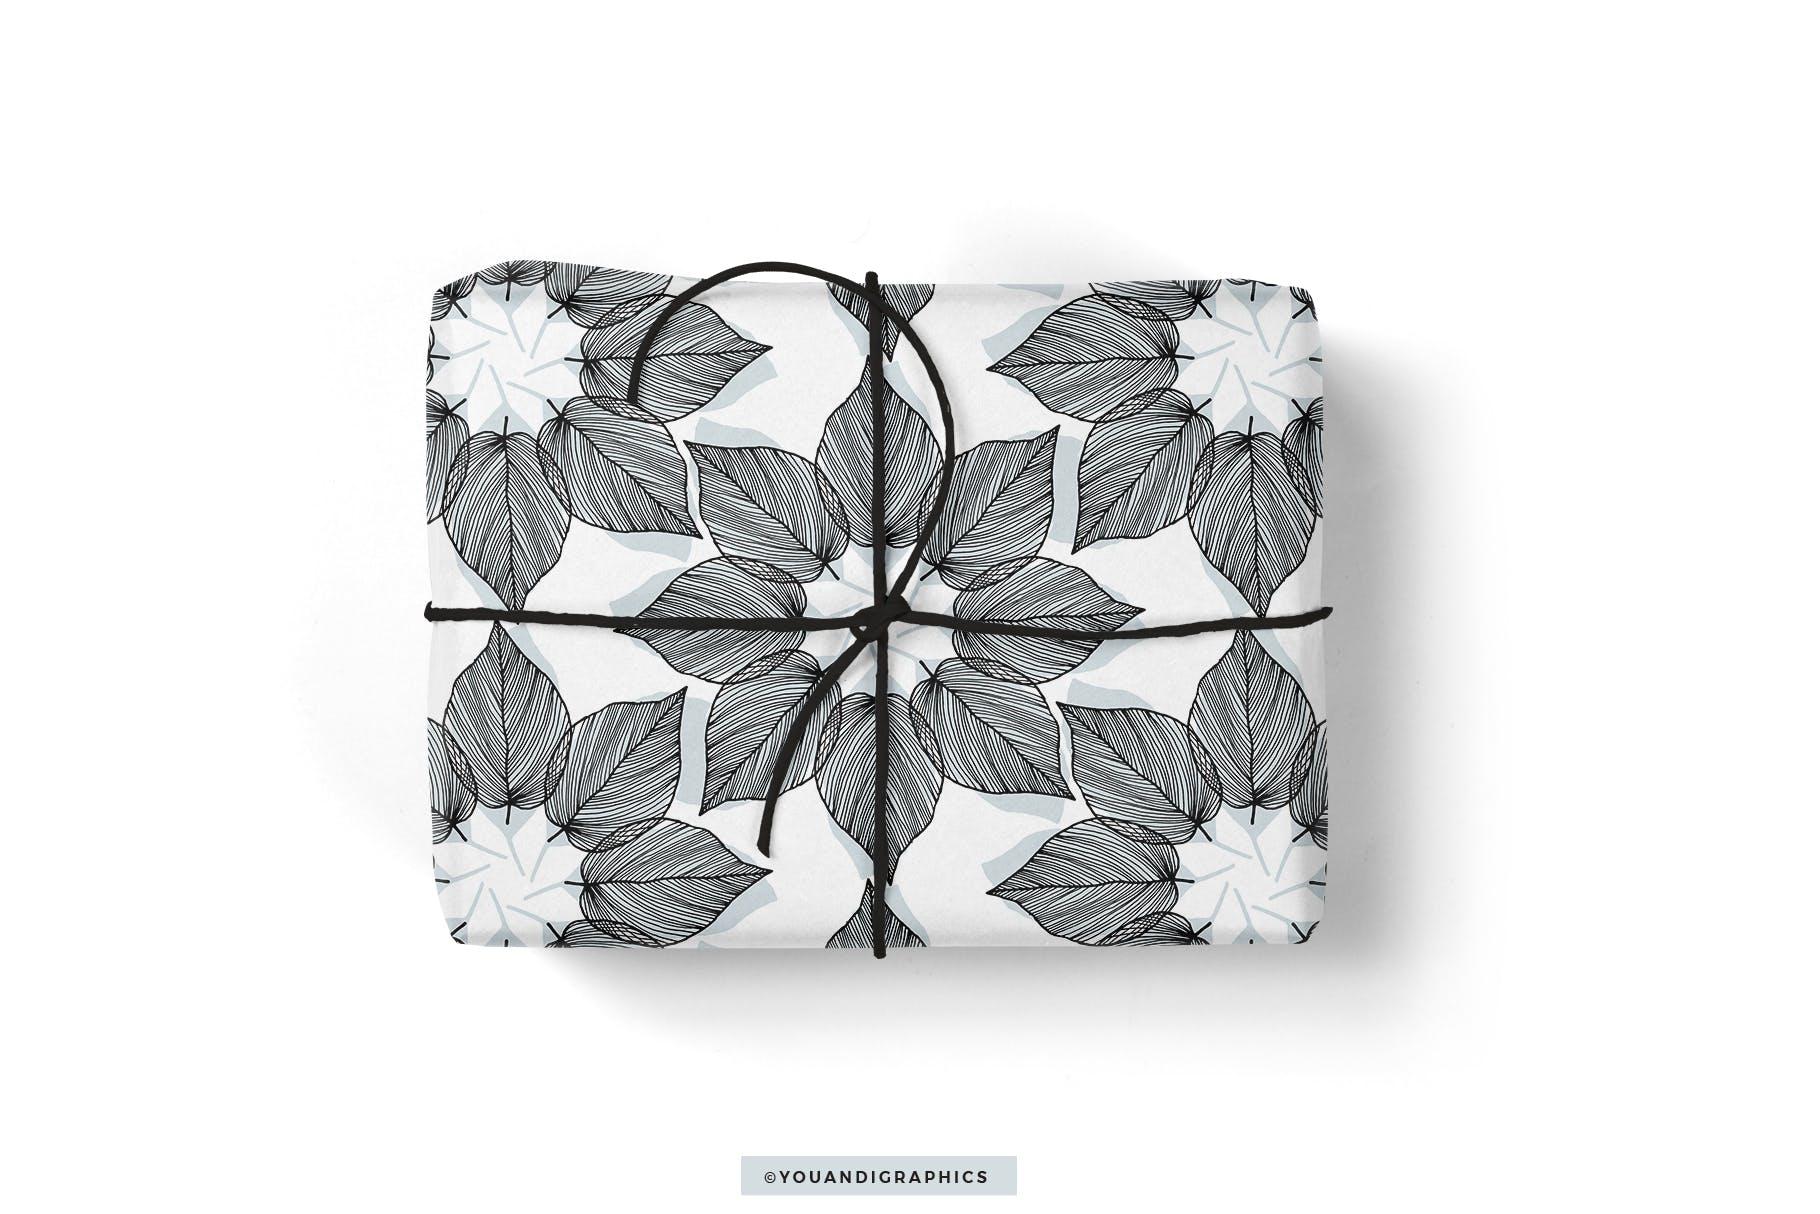 线条艺术花卉矢量图案元素Lineart Floral Patterns Elements插图(5)